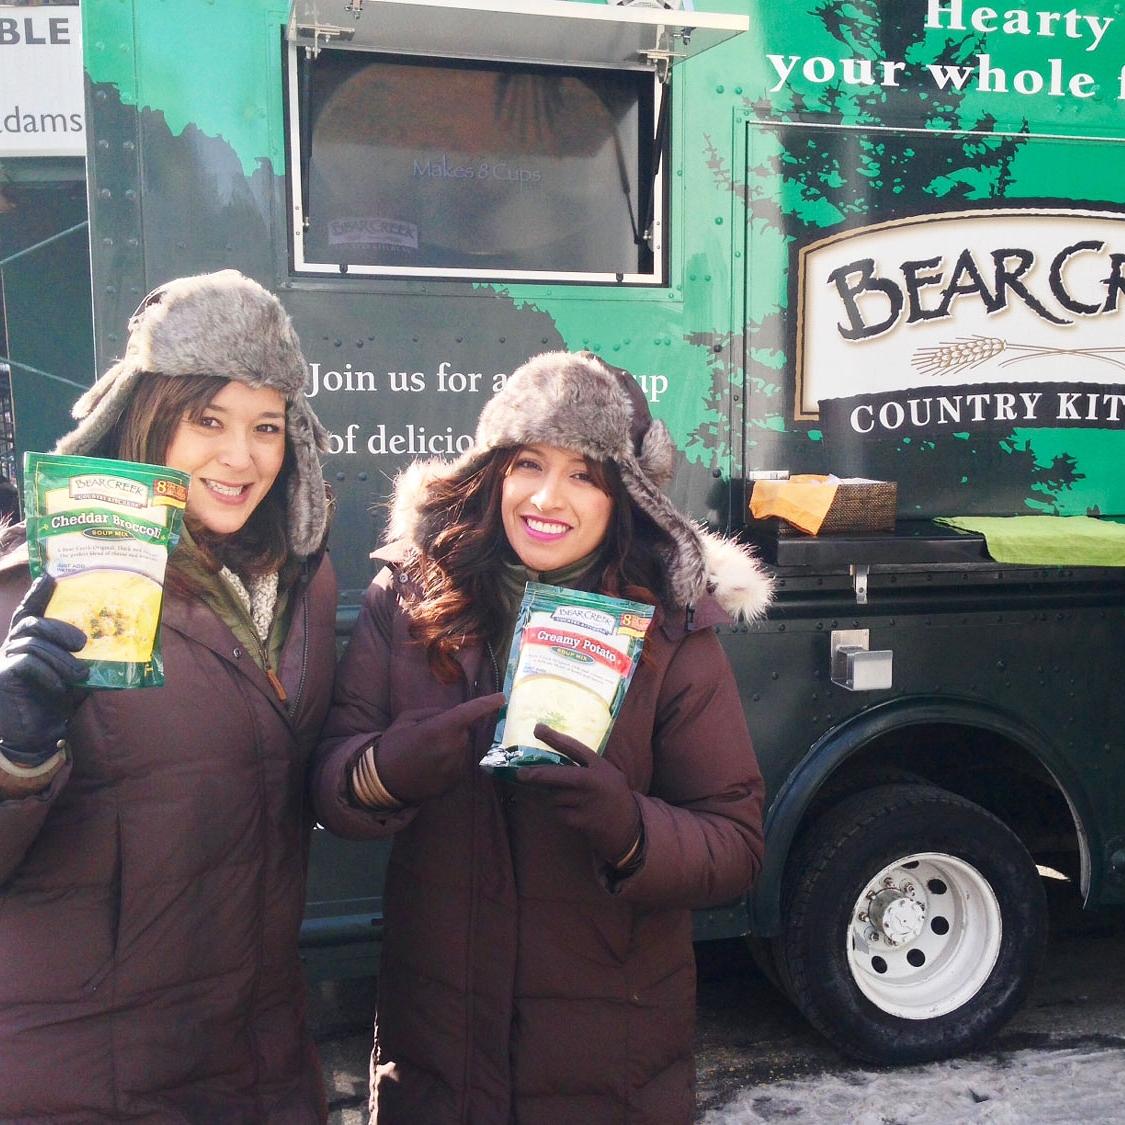 bear-creek-soup-tour-visitors.jpg